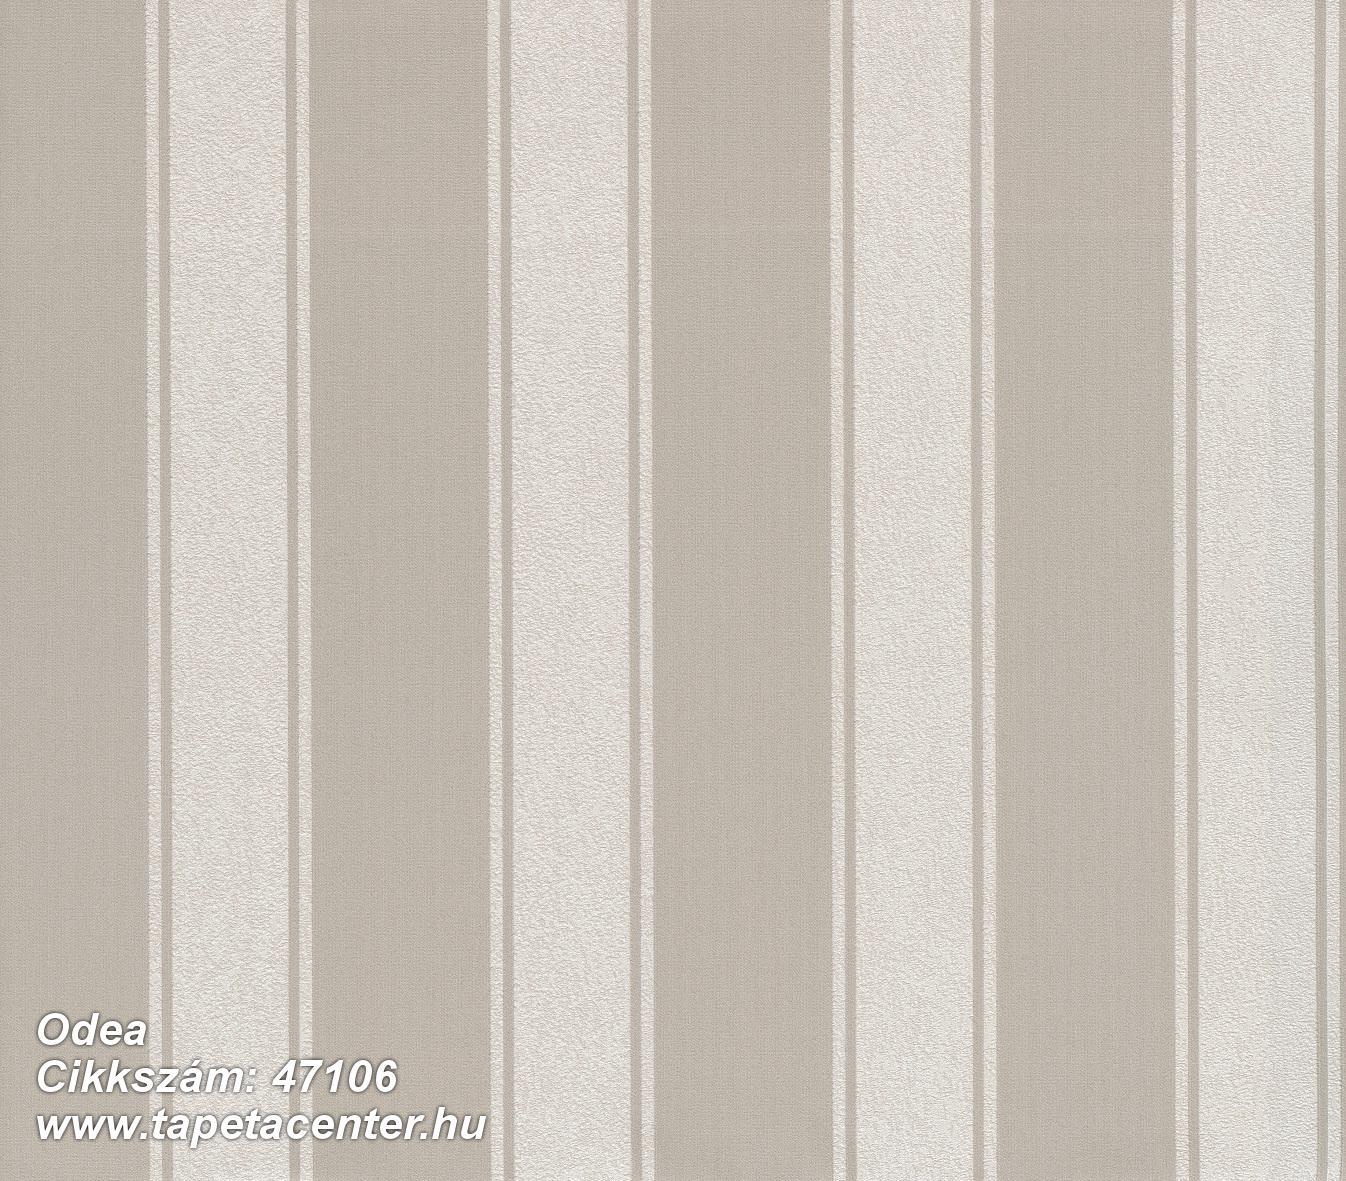 Odea - 47106 Olasz tapéta